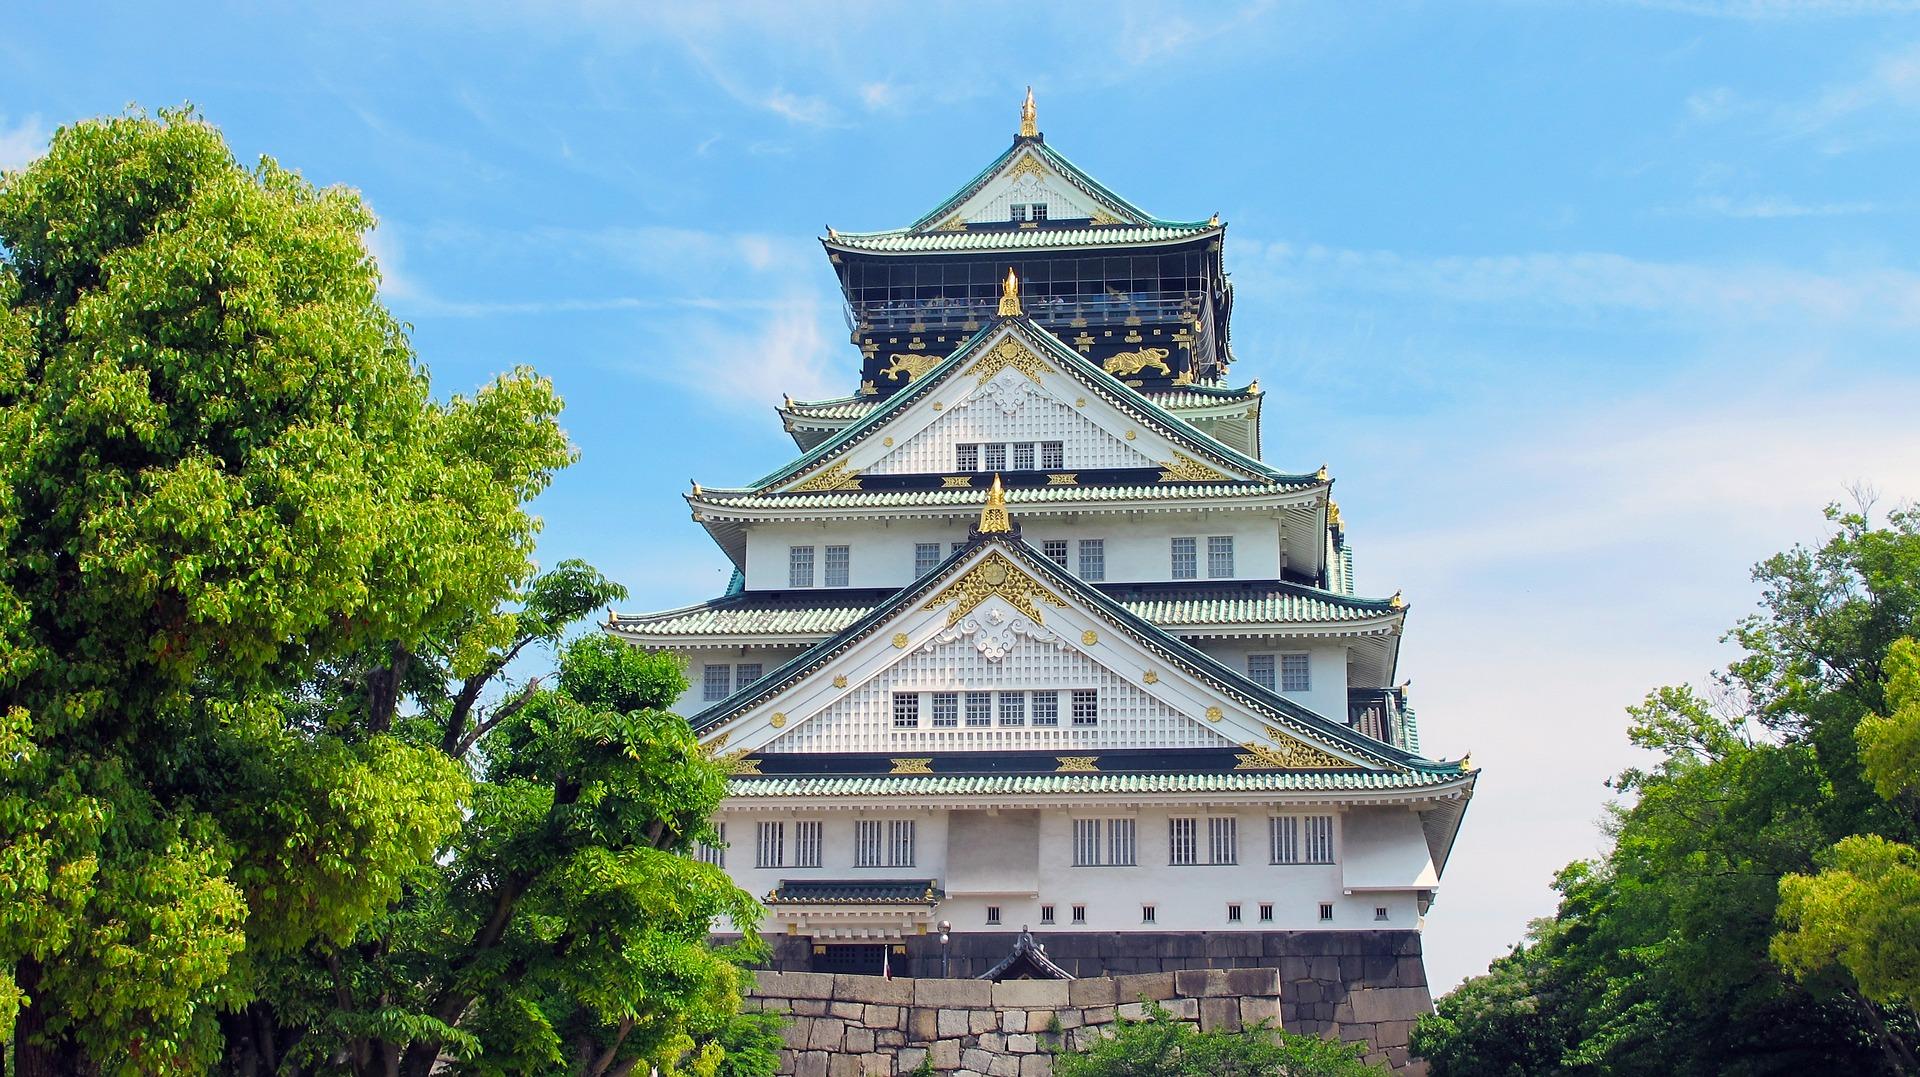 Chateau japonais a Osaka